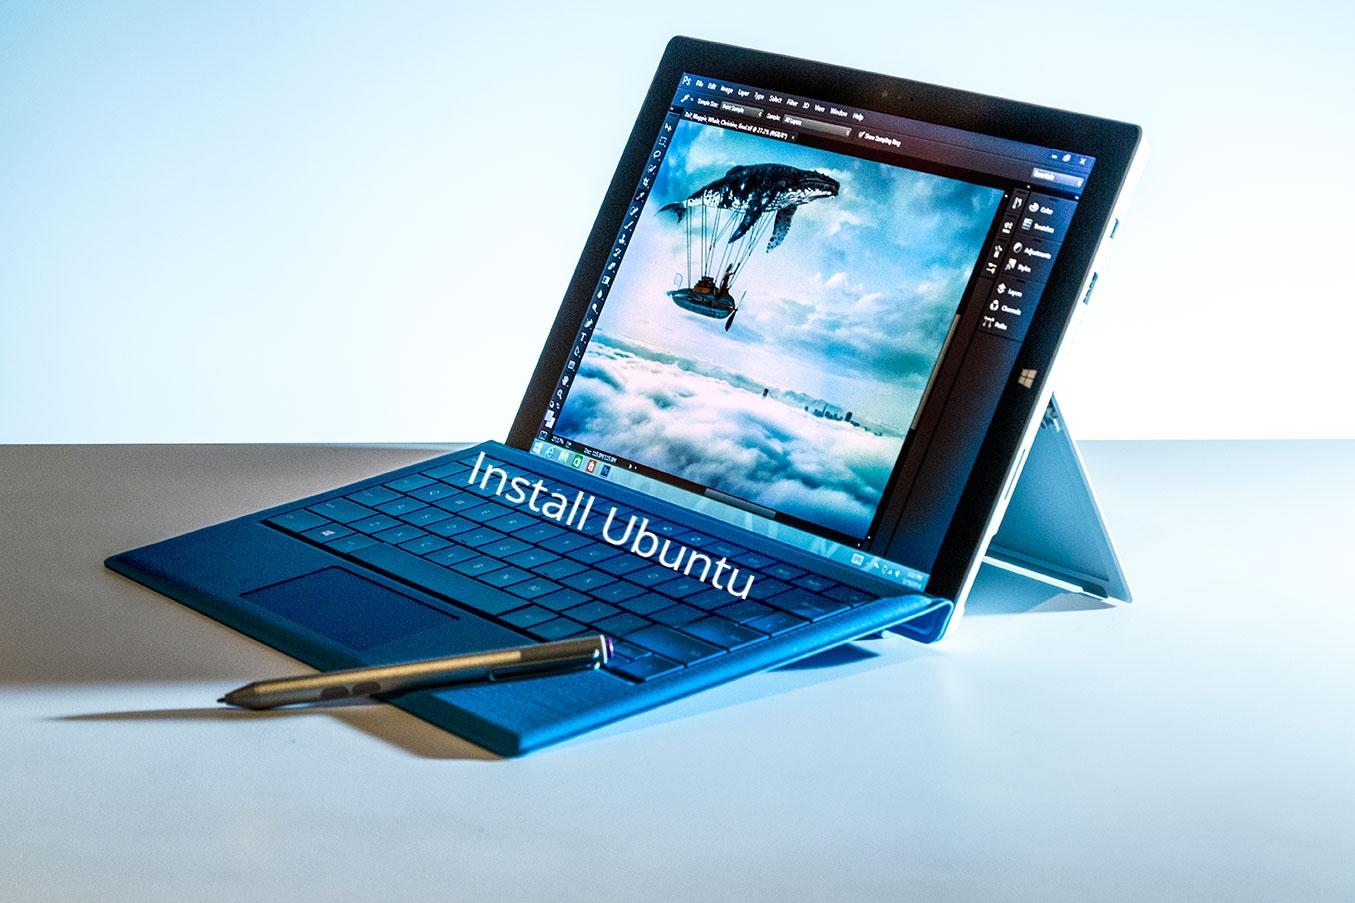 Surface Pro 3 Ubuntu